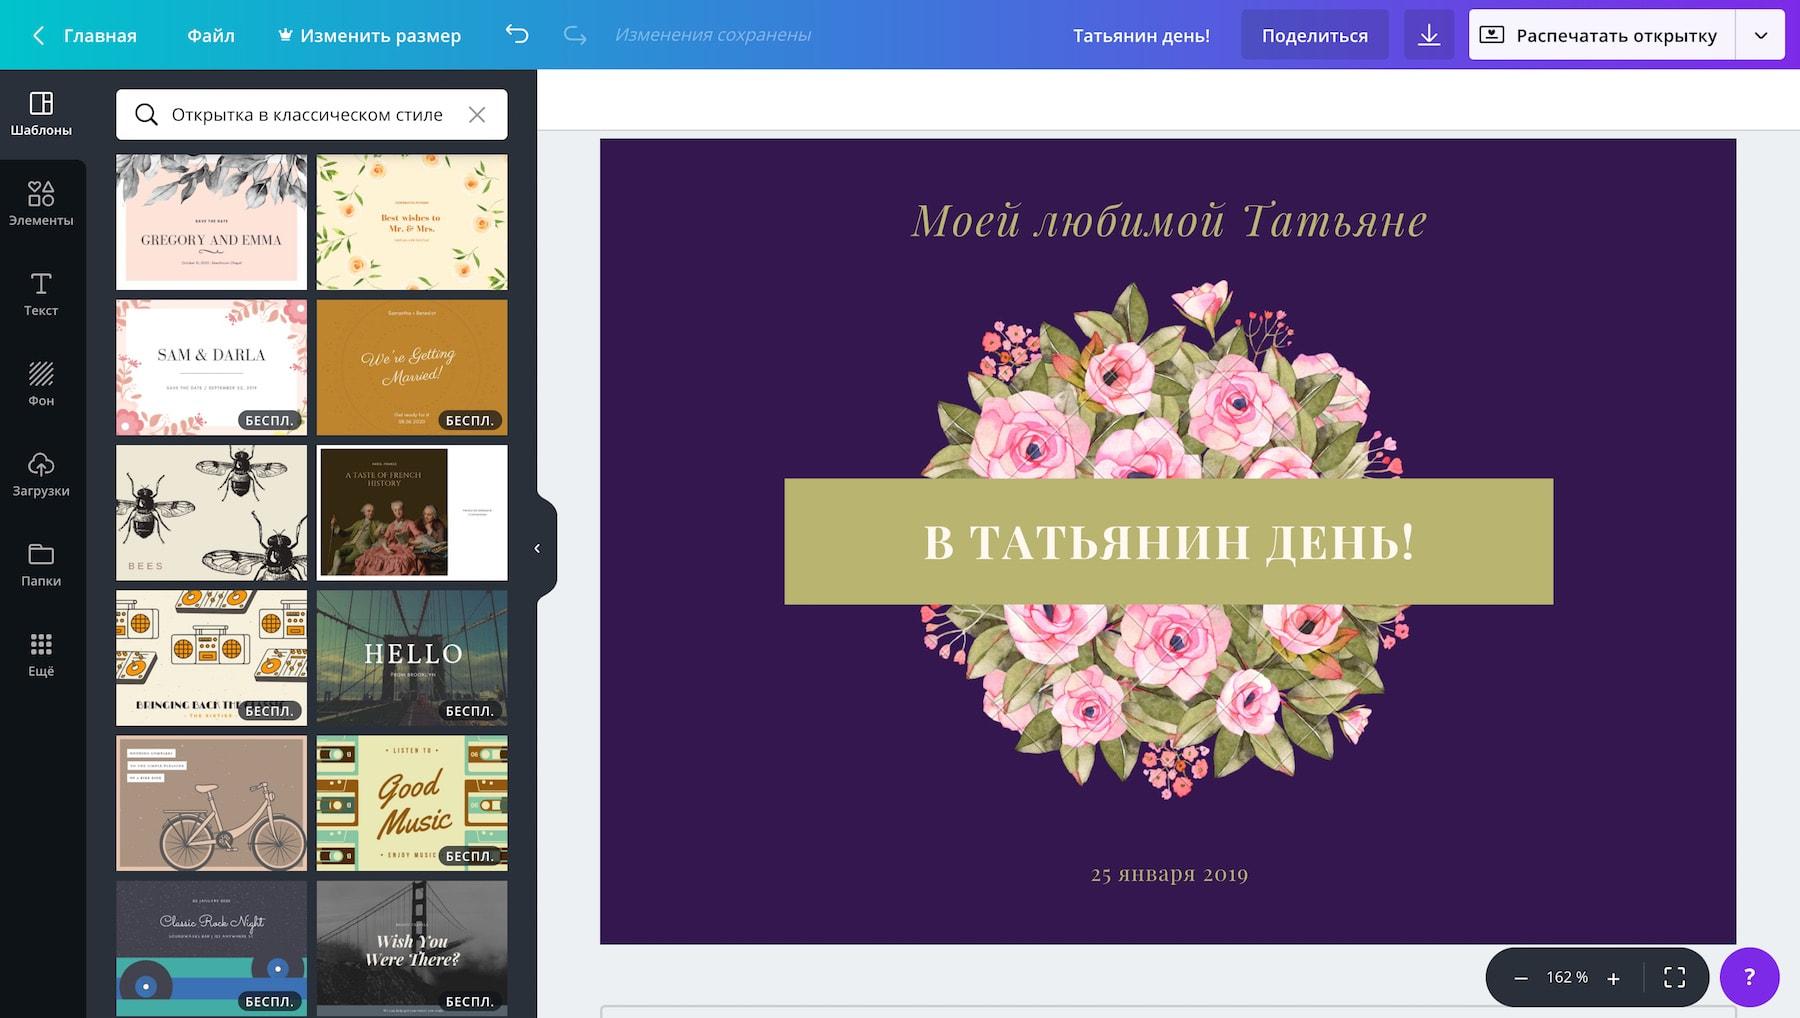 Создание открыток к Татьянину дню на русском языке в Canva